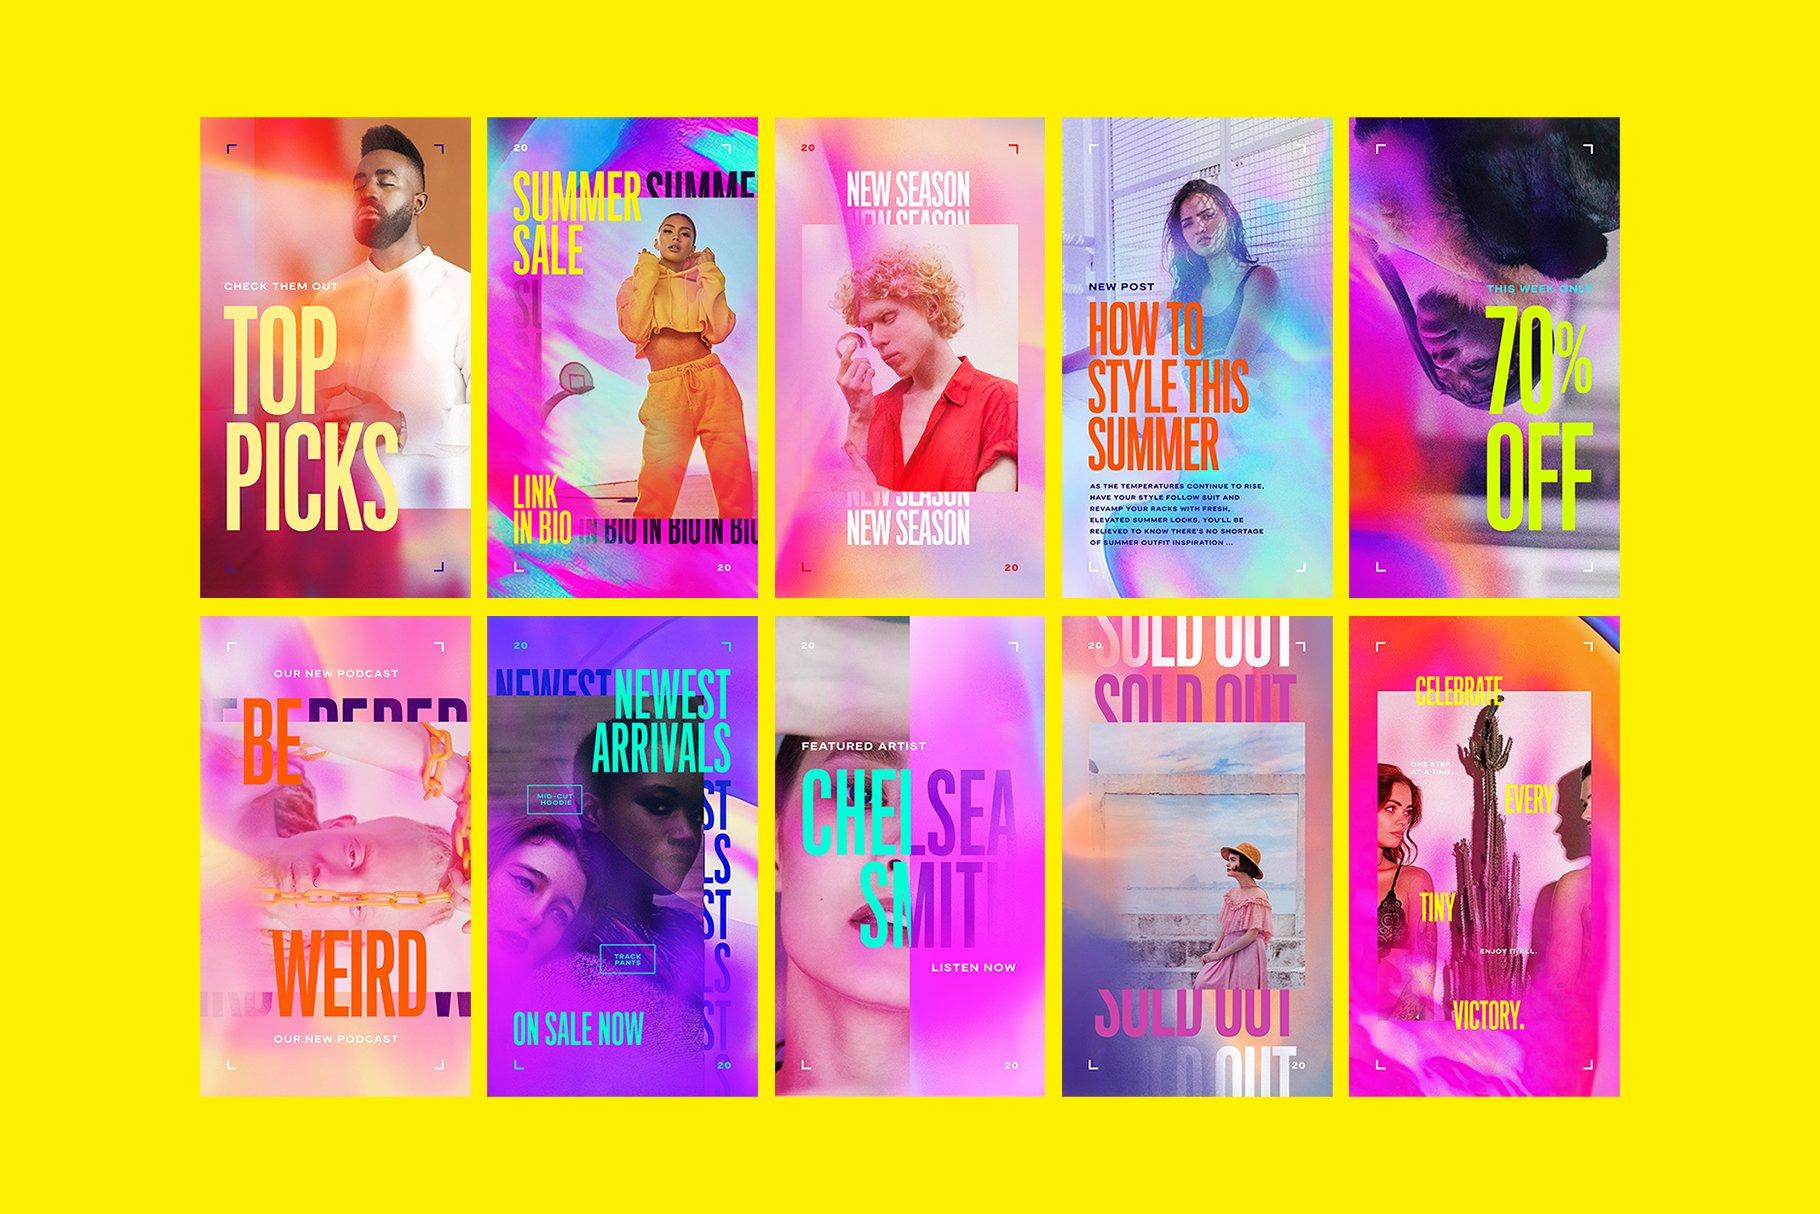 [单独购买] 潮流霓虹效果品牌推广新媒体电商海报设计模板PS素材 Neogram – Neon Instagram Stories插图2